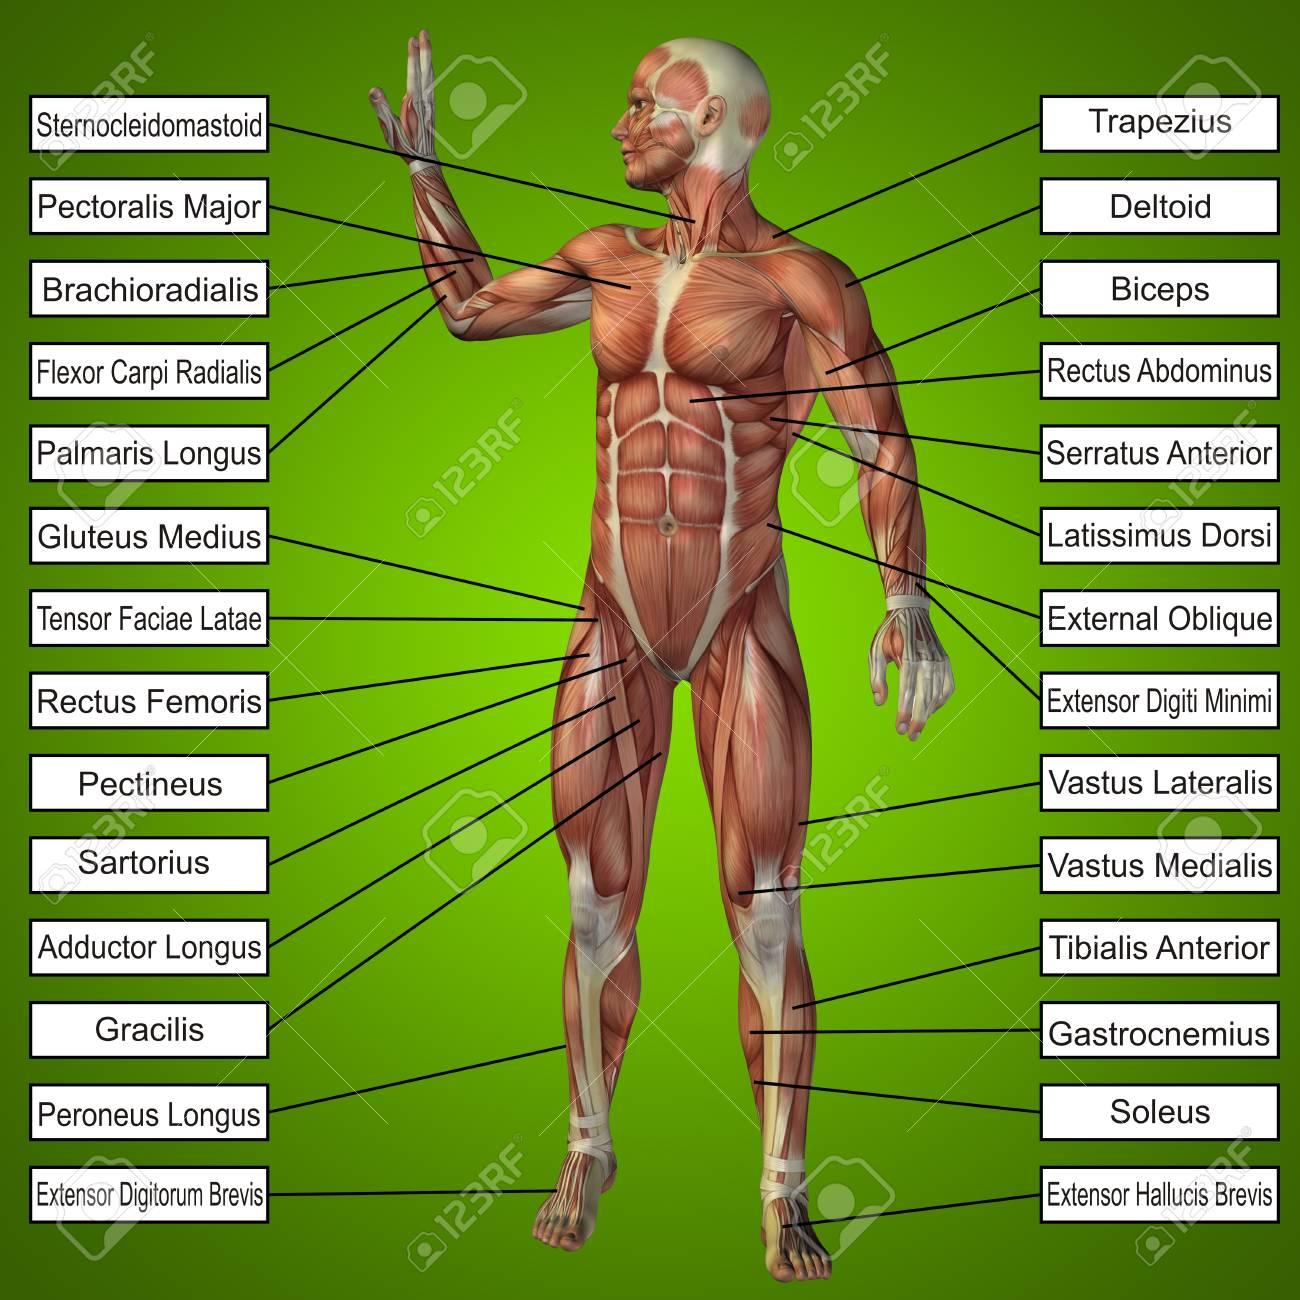 Menschliche Anatomie Des Menschen 3D Mit Muskeln Und Text Auf Grünem ...